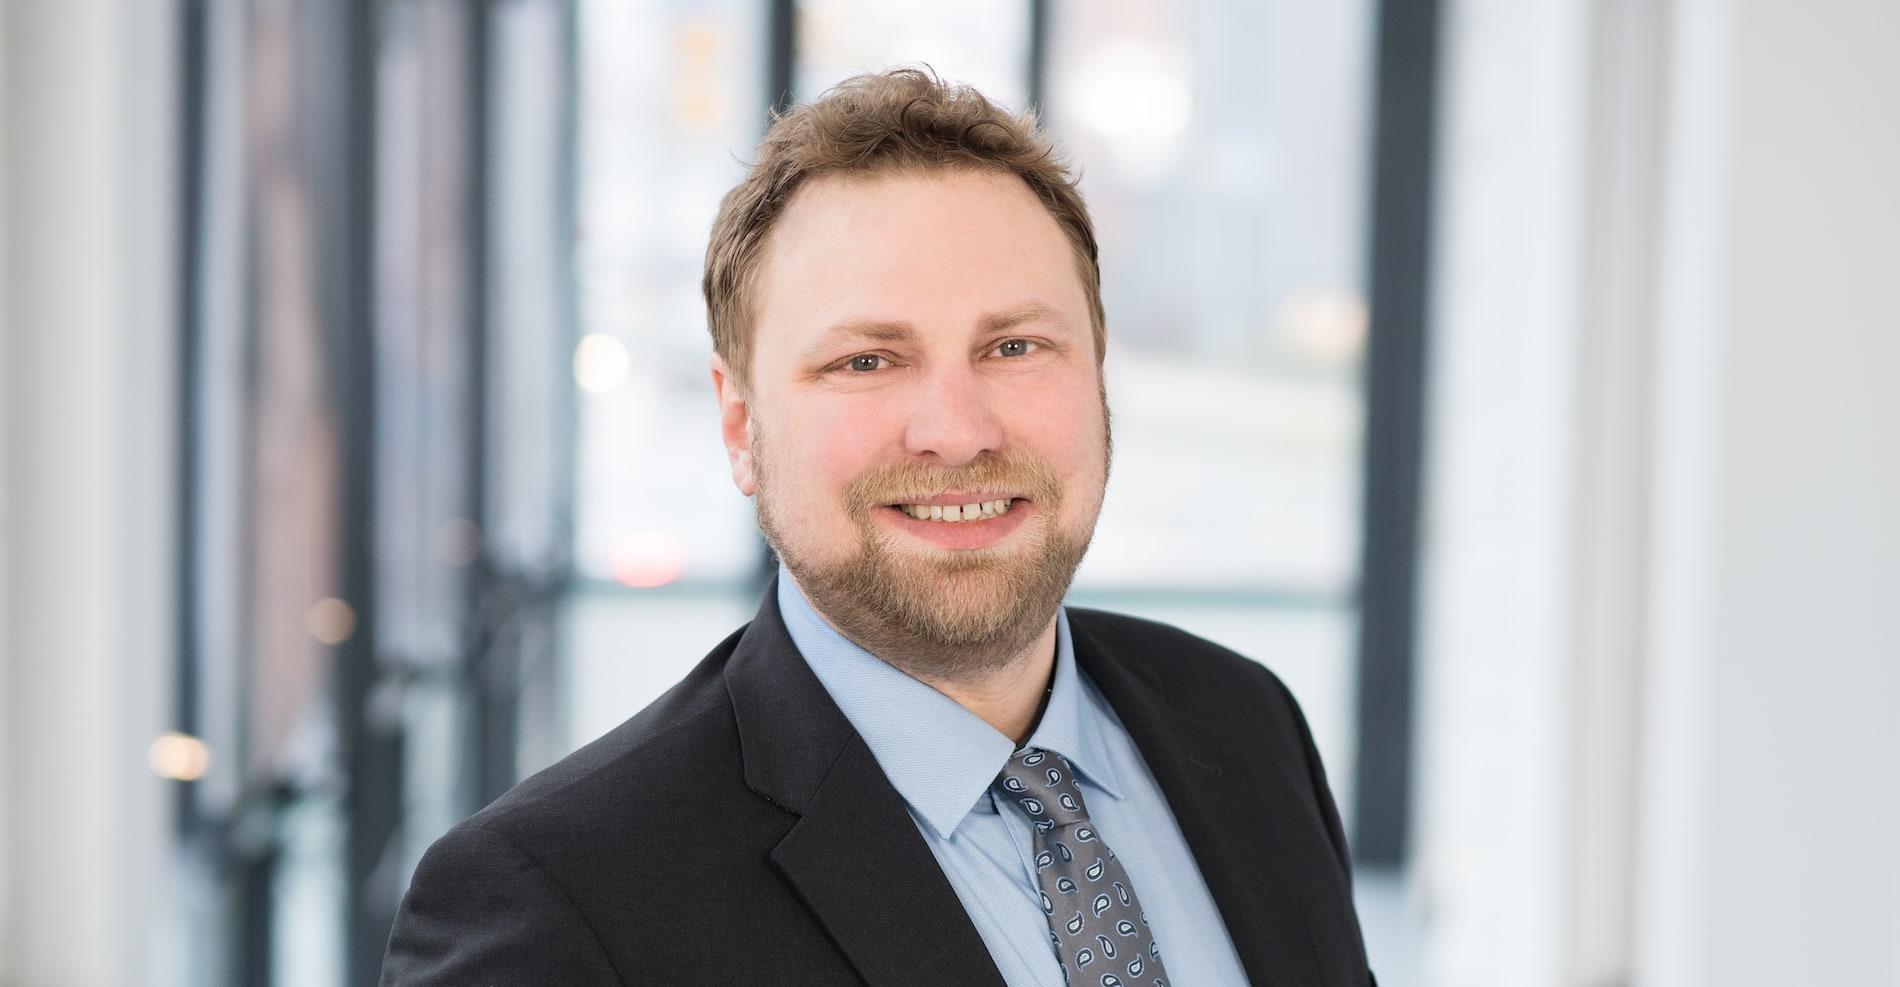 Anwalt für Arbeitsrecht in Lübeck  - Anwalt in Lübeck | Kanzlei FKF